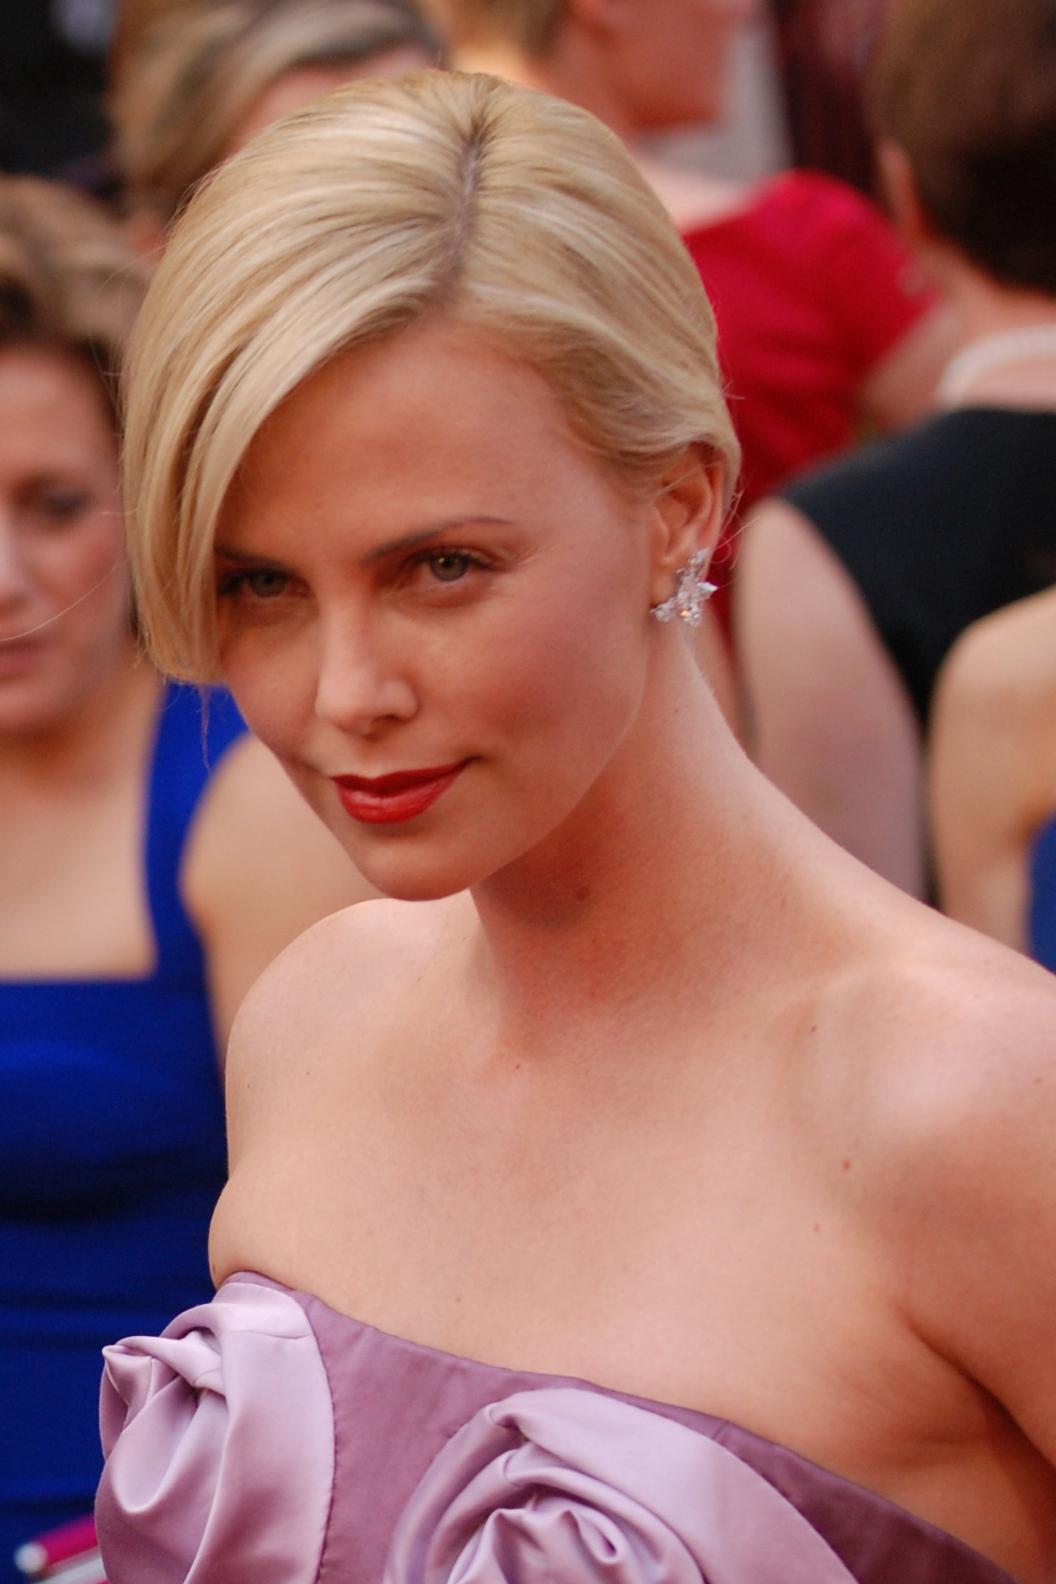 فیلم  ساله داستان سکسی شهوت - Bing images